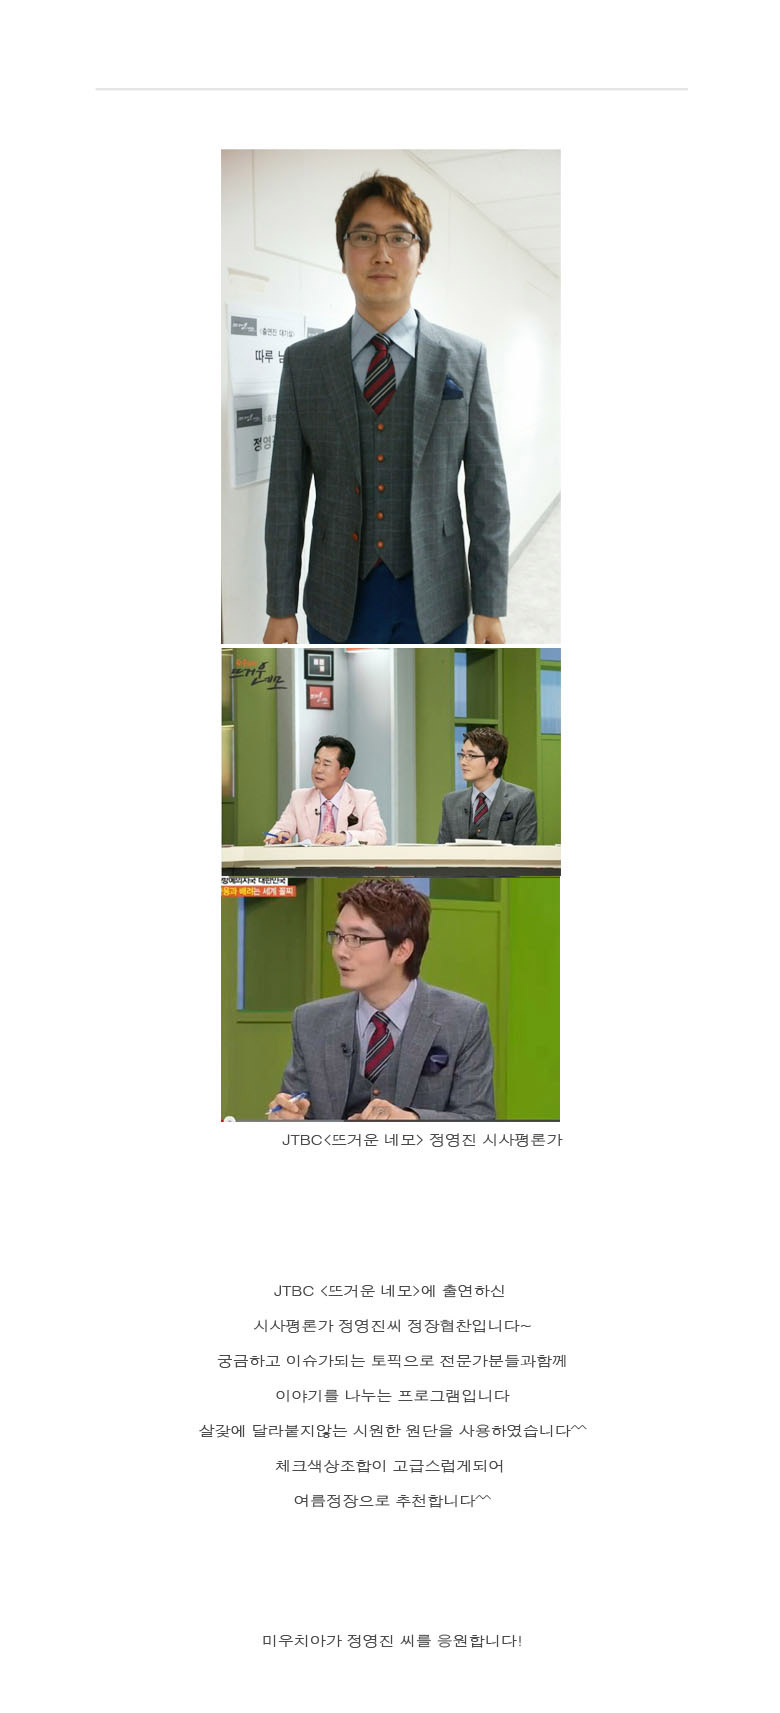 남성Suit Men's suits 男性のスーツ 男士西裝